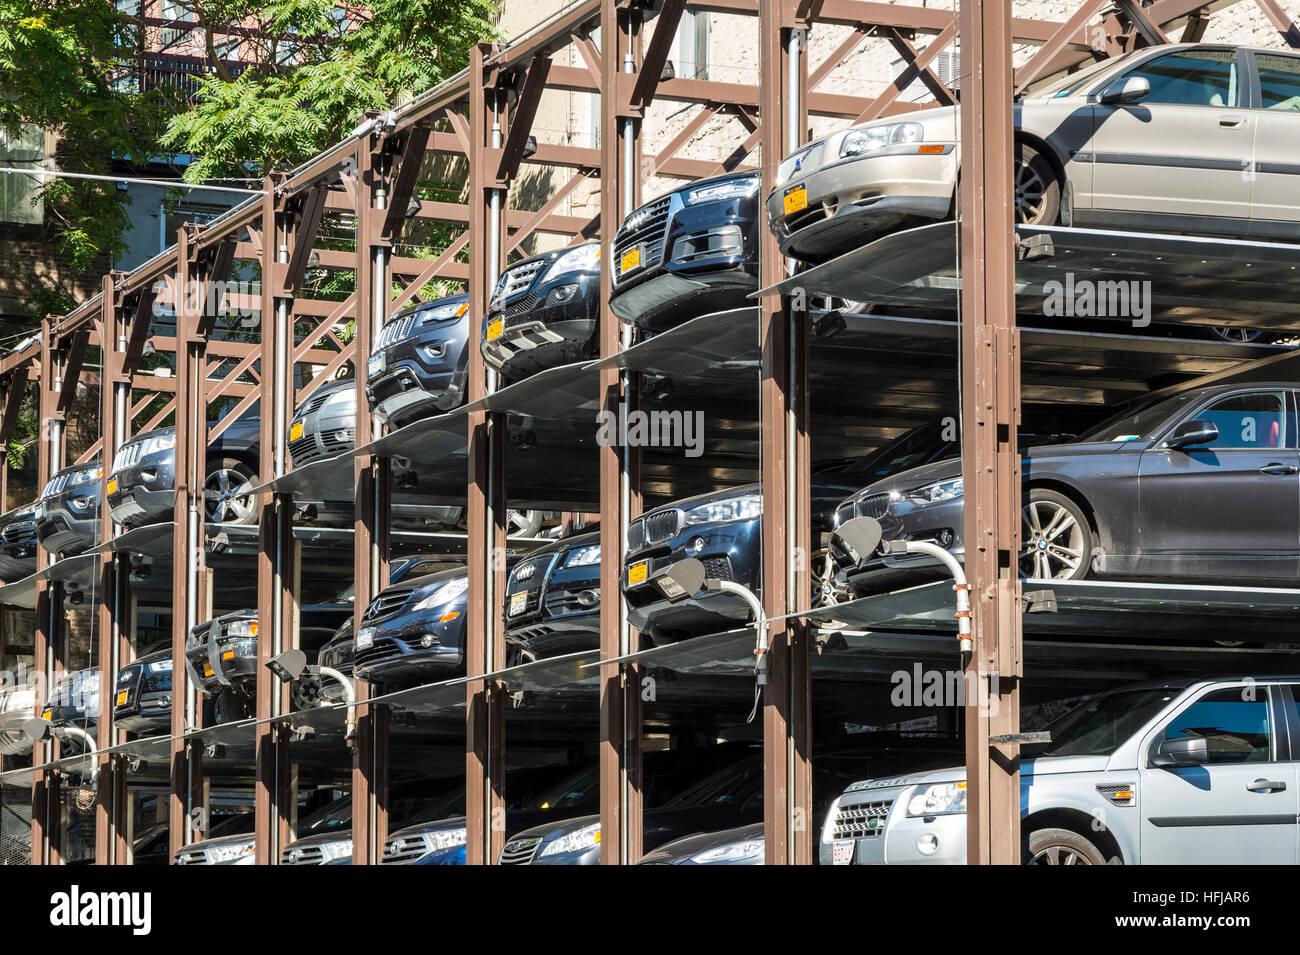 Meccanica verticale impilate parcheggio in New York, Stati Uniti d'America Immagini Stock